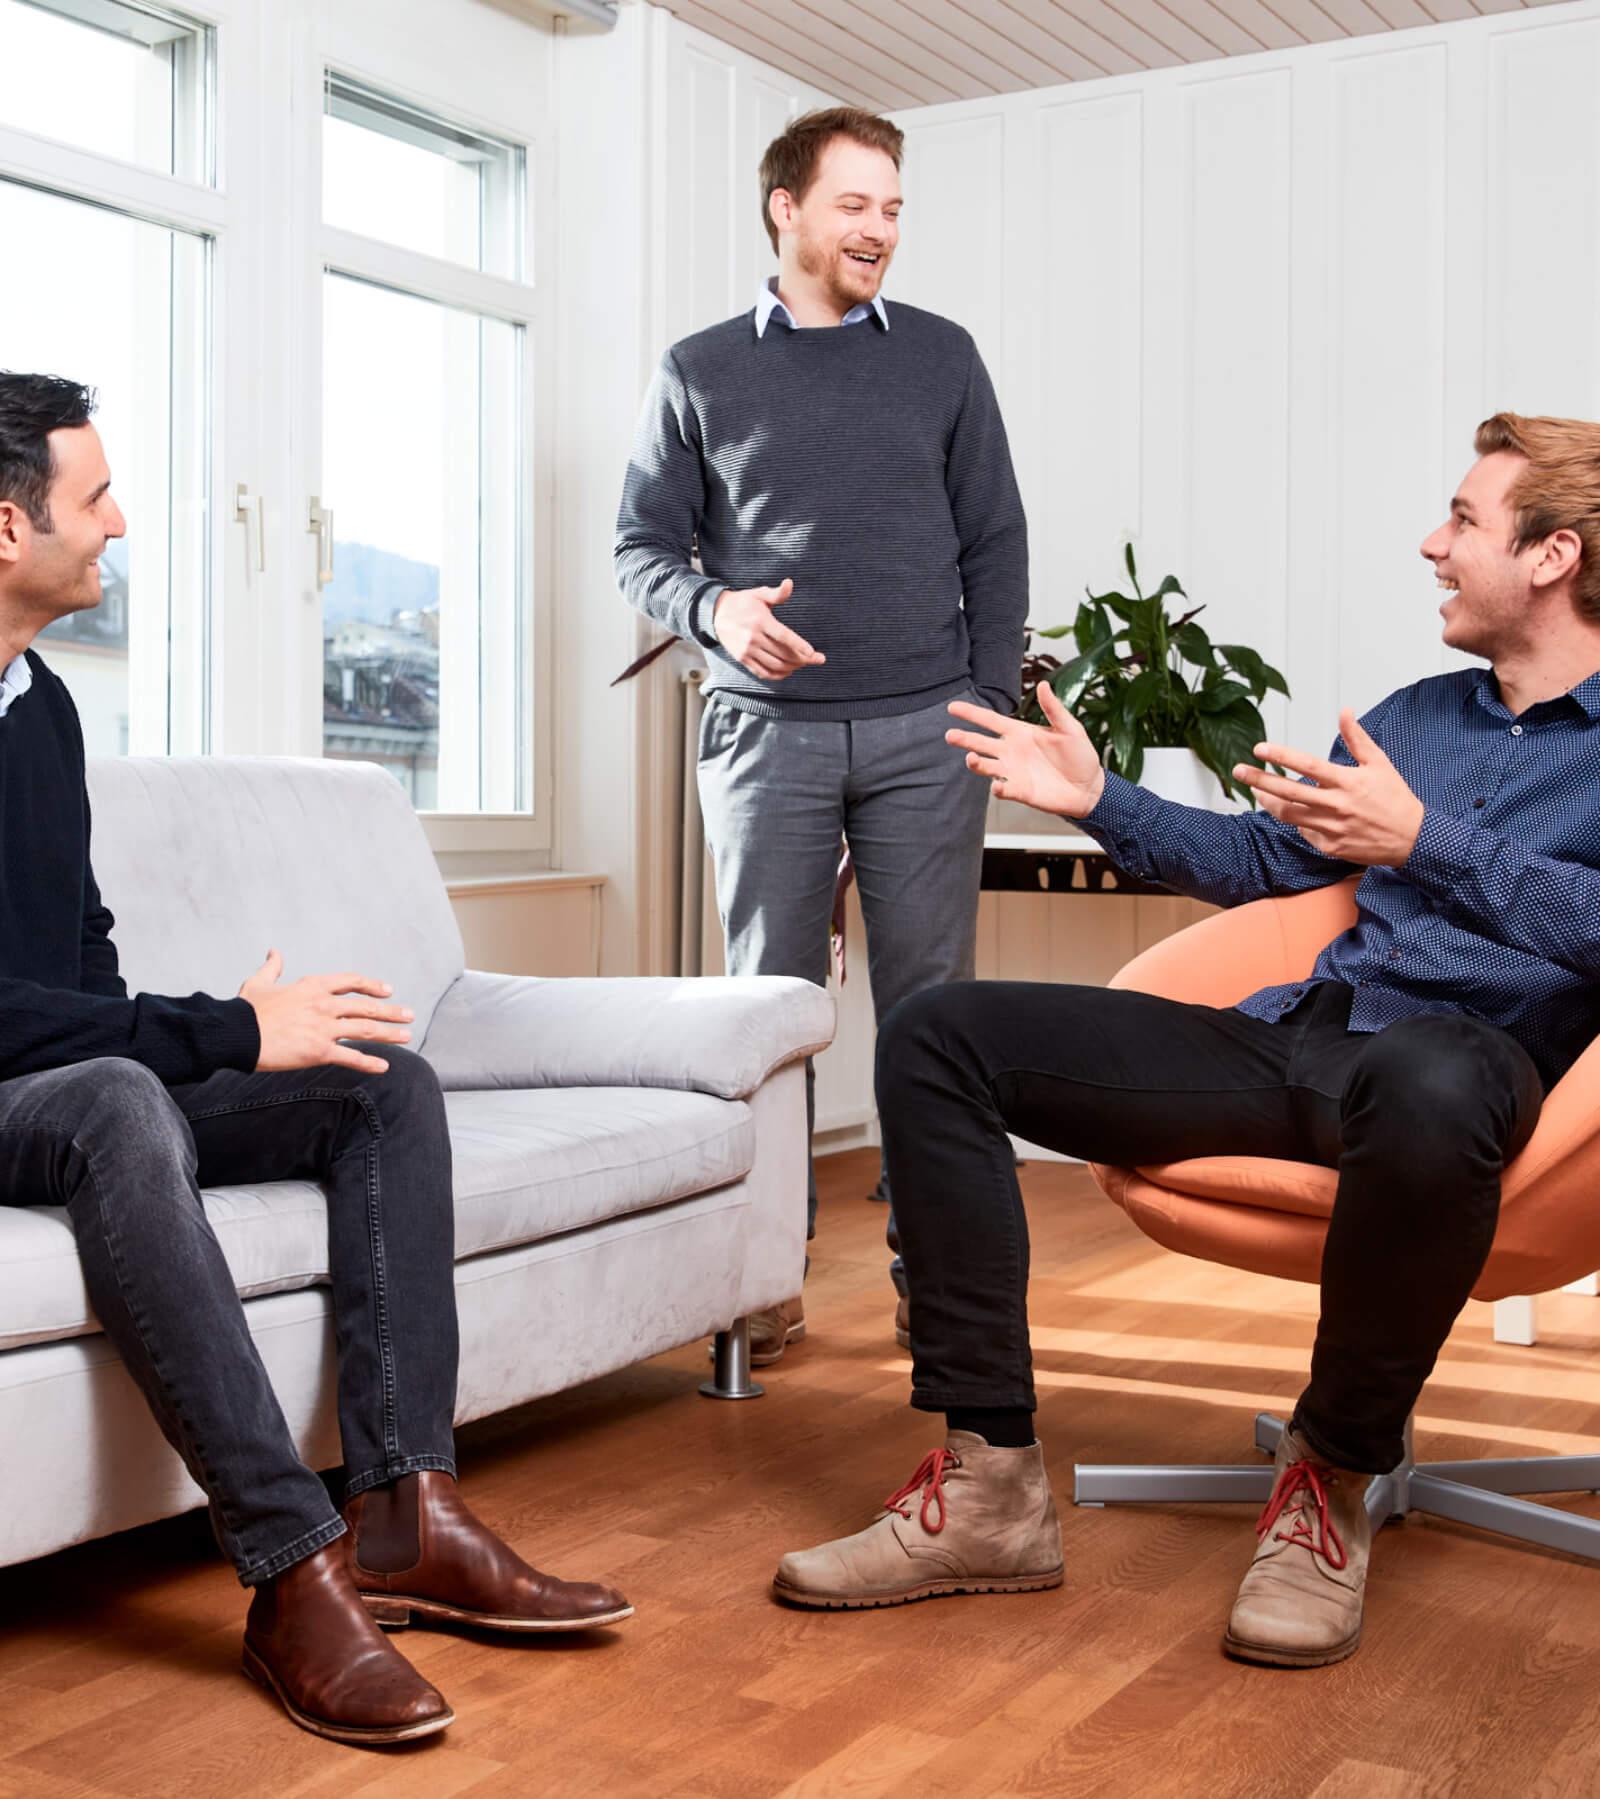 sales-team-meeting-in-office-eturnity